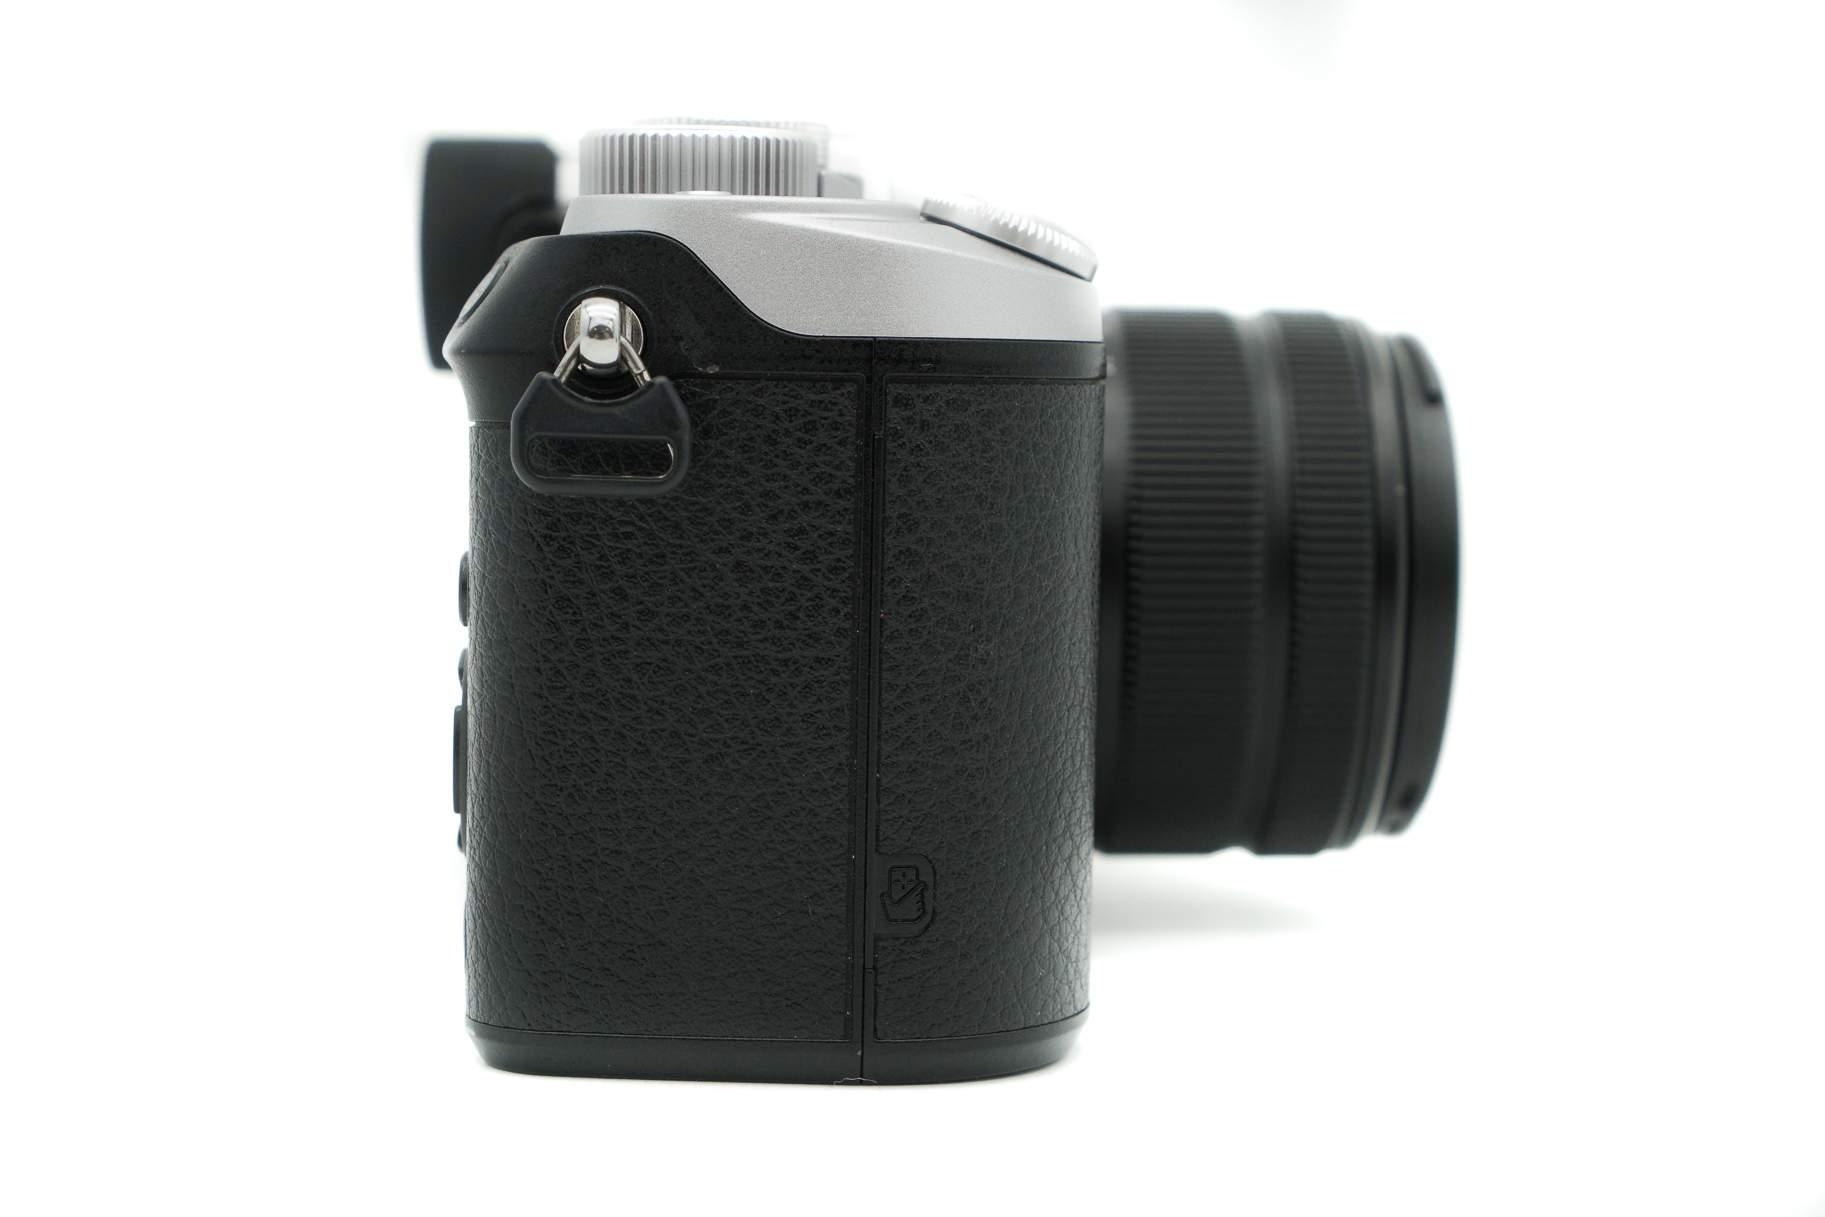 Harga Dan Spesifikasi Panasonic Lumix Dmc G85 Kit 14 42mm F 35 56 Fujifilm X T100 Xc15 45mm Ois Pz Black Pwp Xf 50mm 2 Gx8 Single Lens Kamera Mirrorless